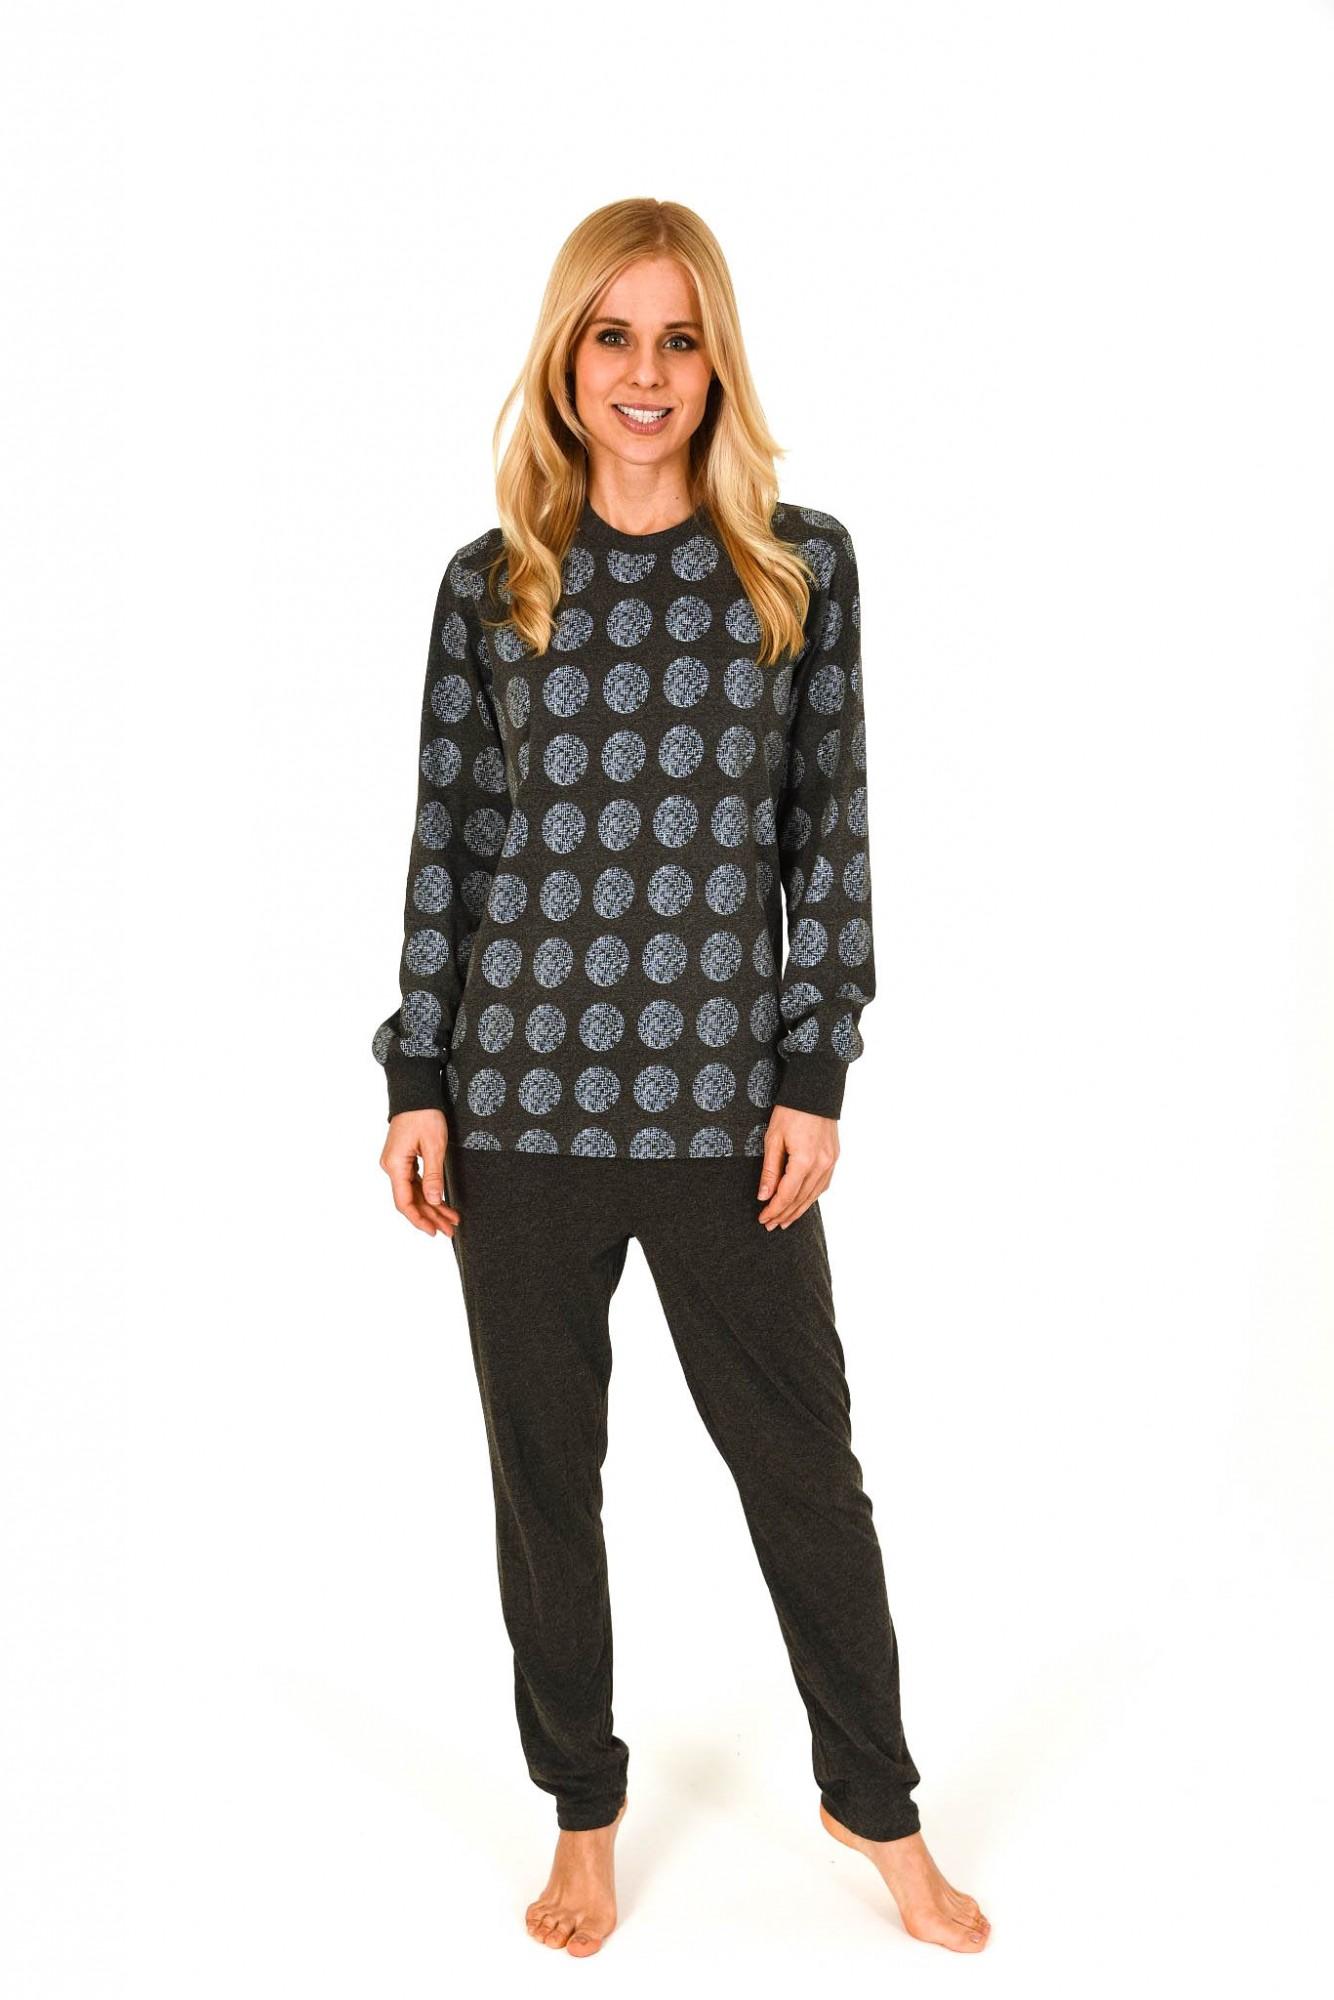 Wunderschöner Damen Pyjama mit Bündchen im Tupfendesign – 261 201 90 131